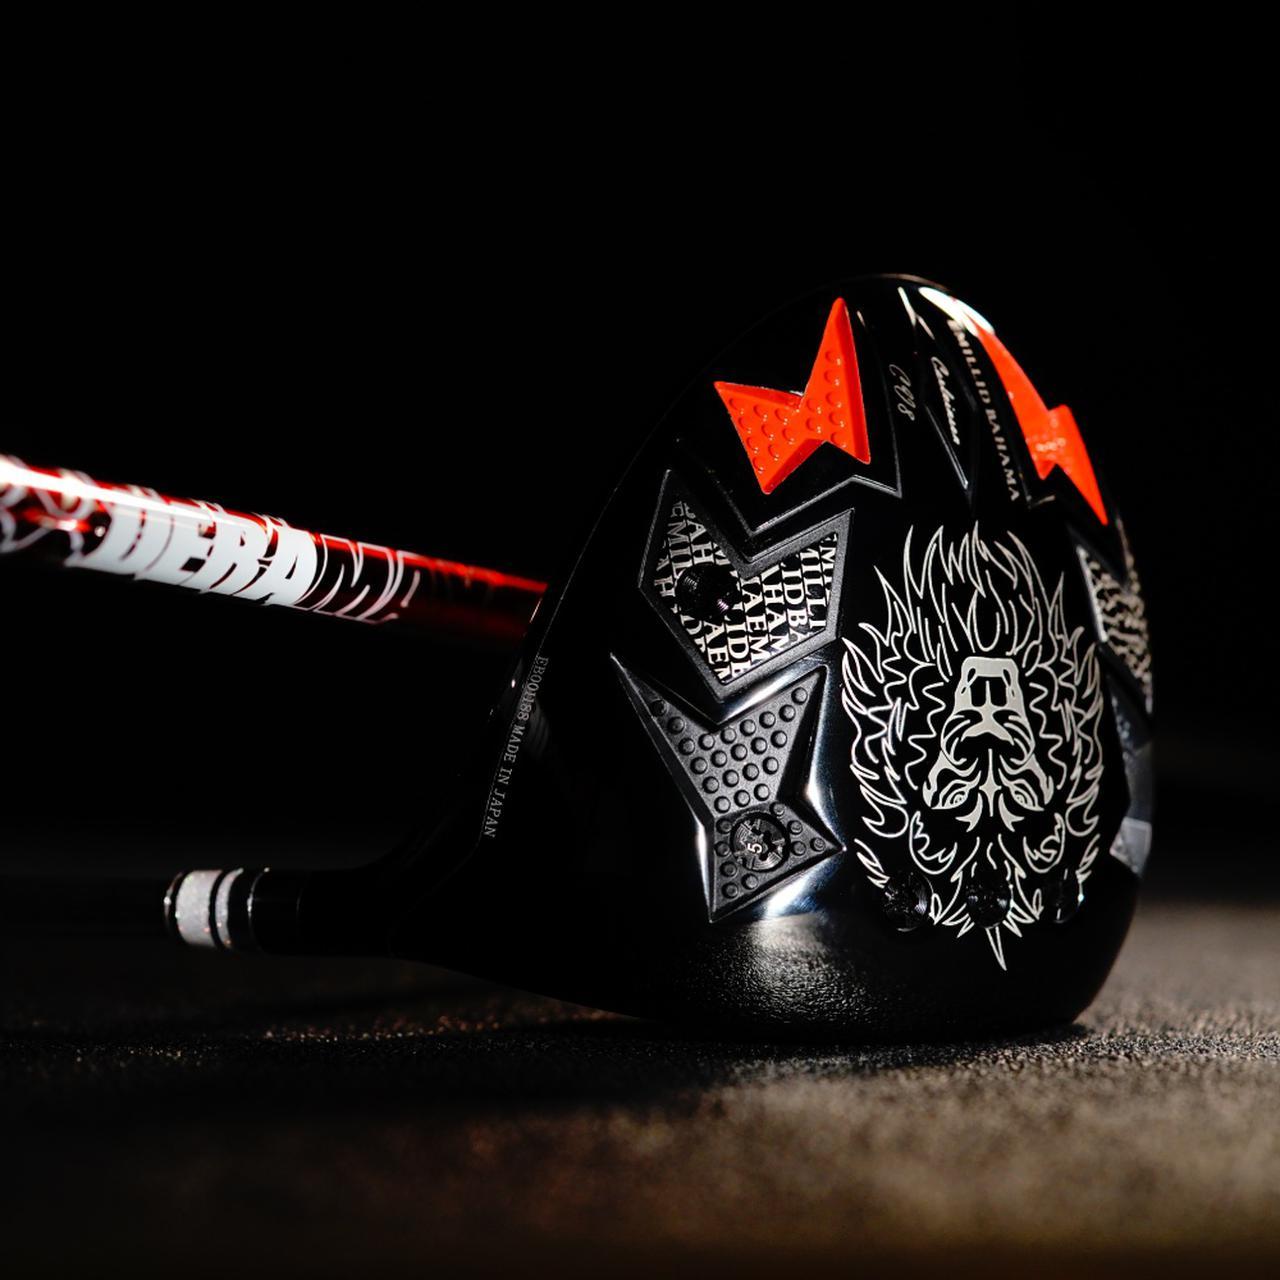 画像: 【ぶっ飛びドライバー】カールヴィンソン赤デラカスタム-ゴルフダイジェスト公式通販サイト「ゴルフポケット」